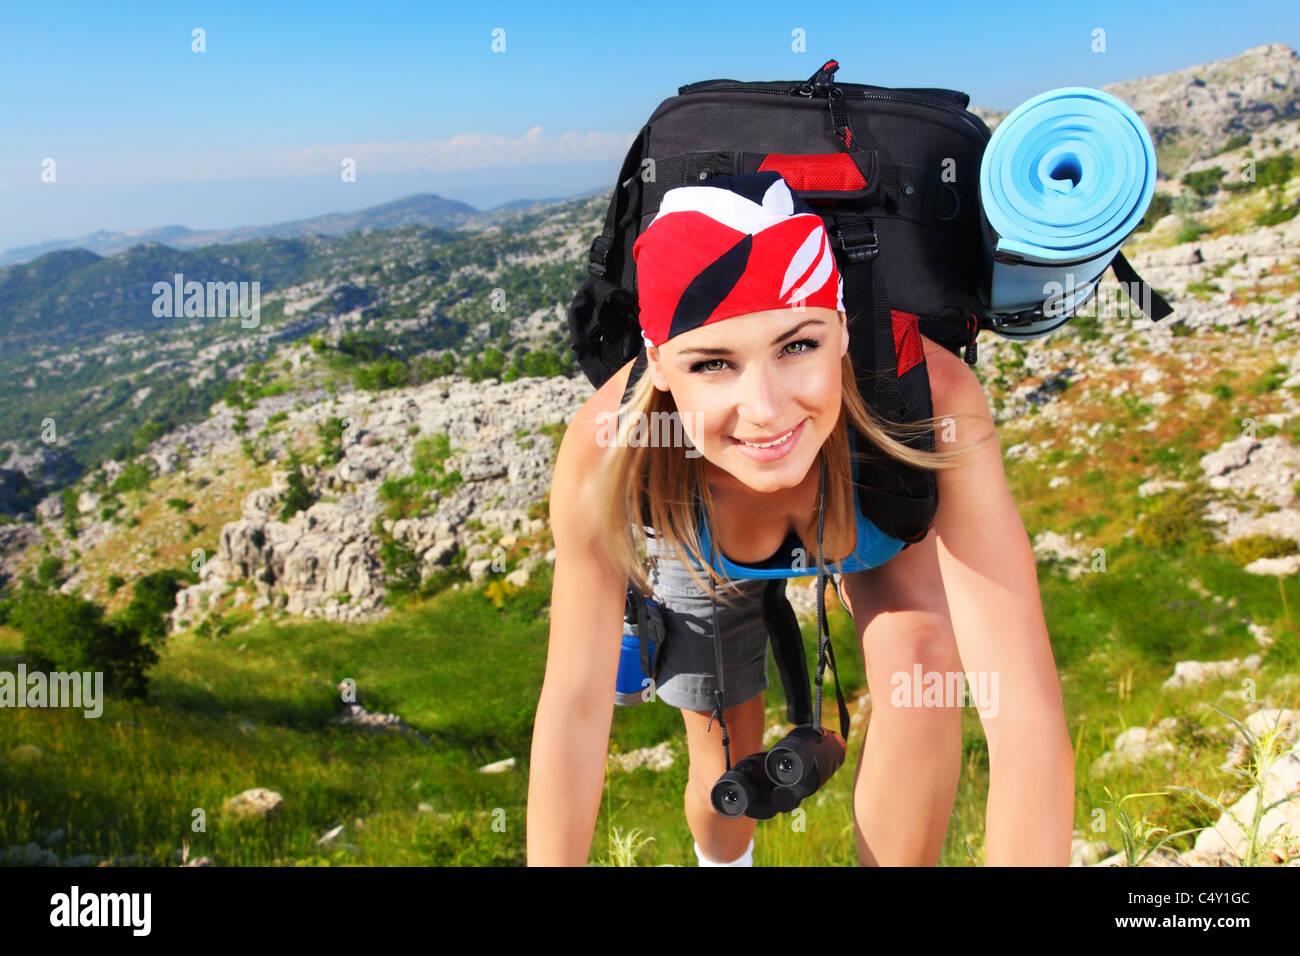 Reisen Mädchen mit Rucksack wandern in den Bergen, Freiheit-Konzept Stockbild